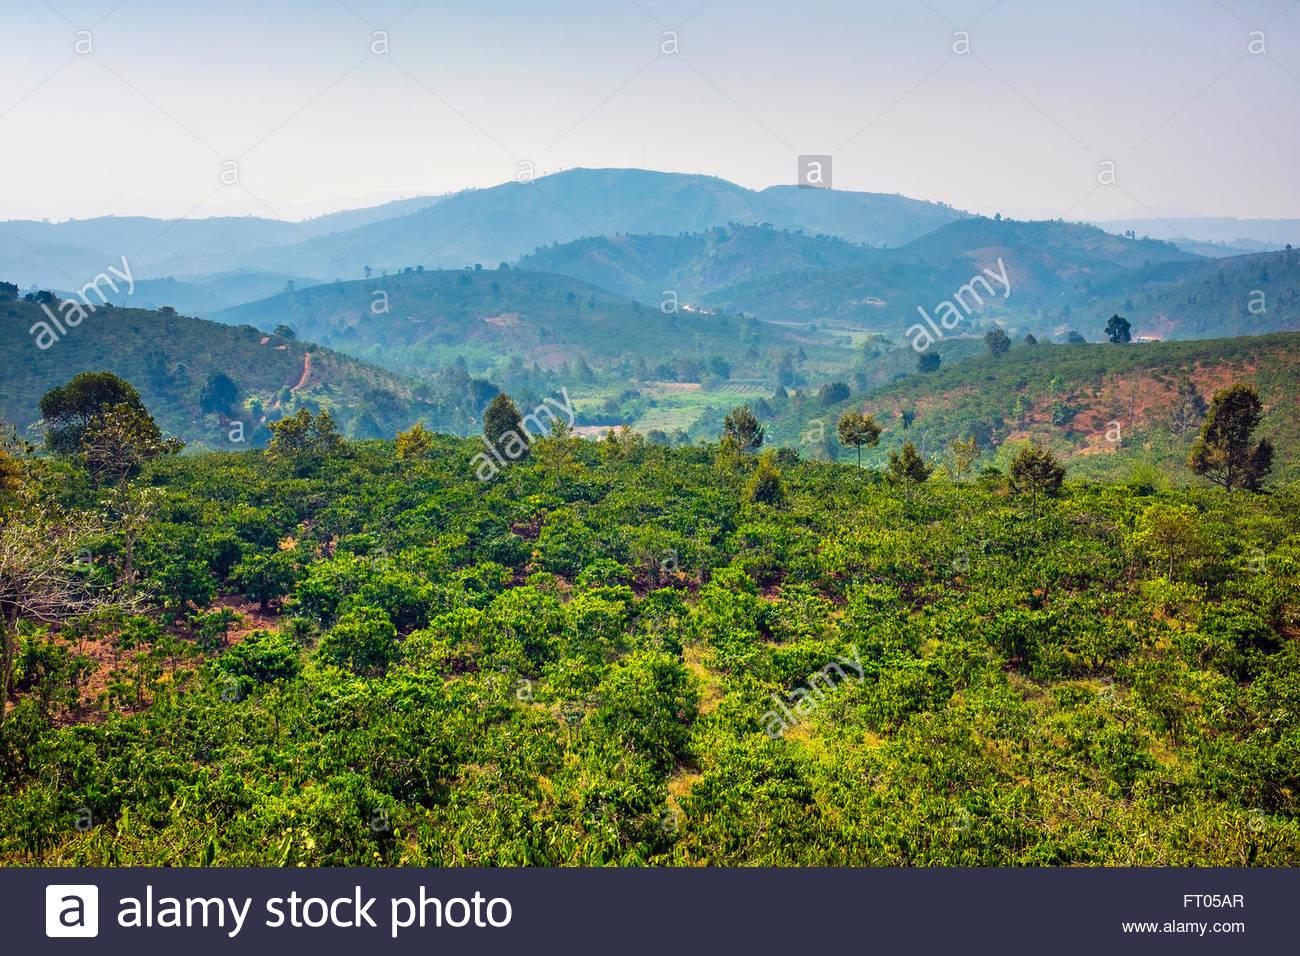 Collines et plantations de café dans la région centrale des Highlands, Bao Loc, province de Lam Dong, Photo Stock